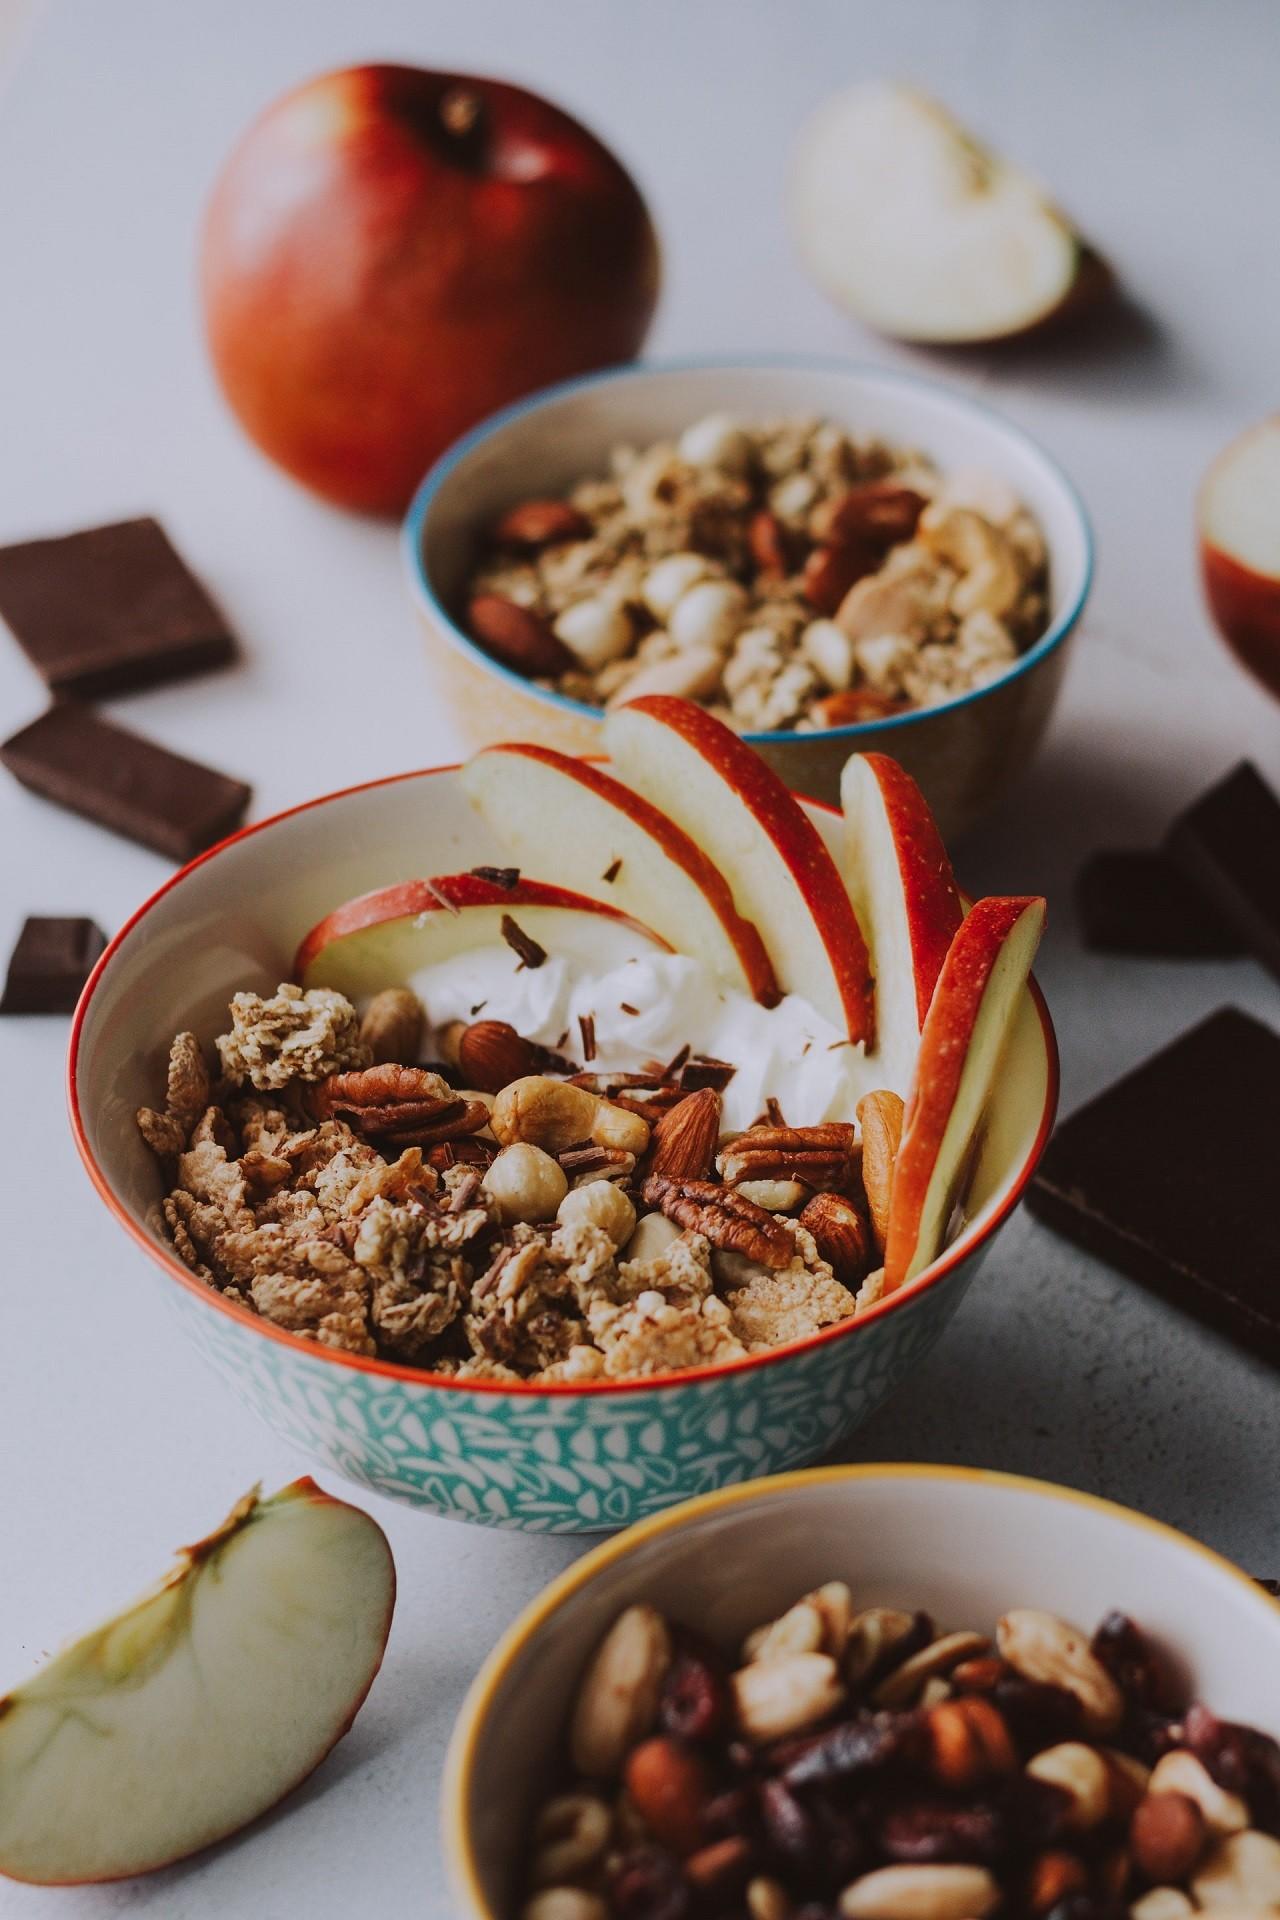 Ein Apfelschneider schneidet Obst immer in gleichmäßige Stücke.